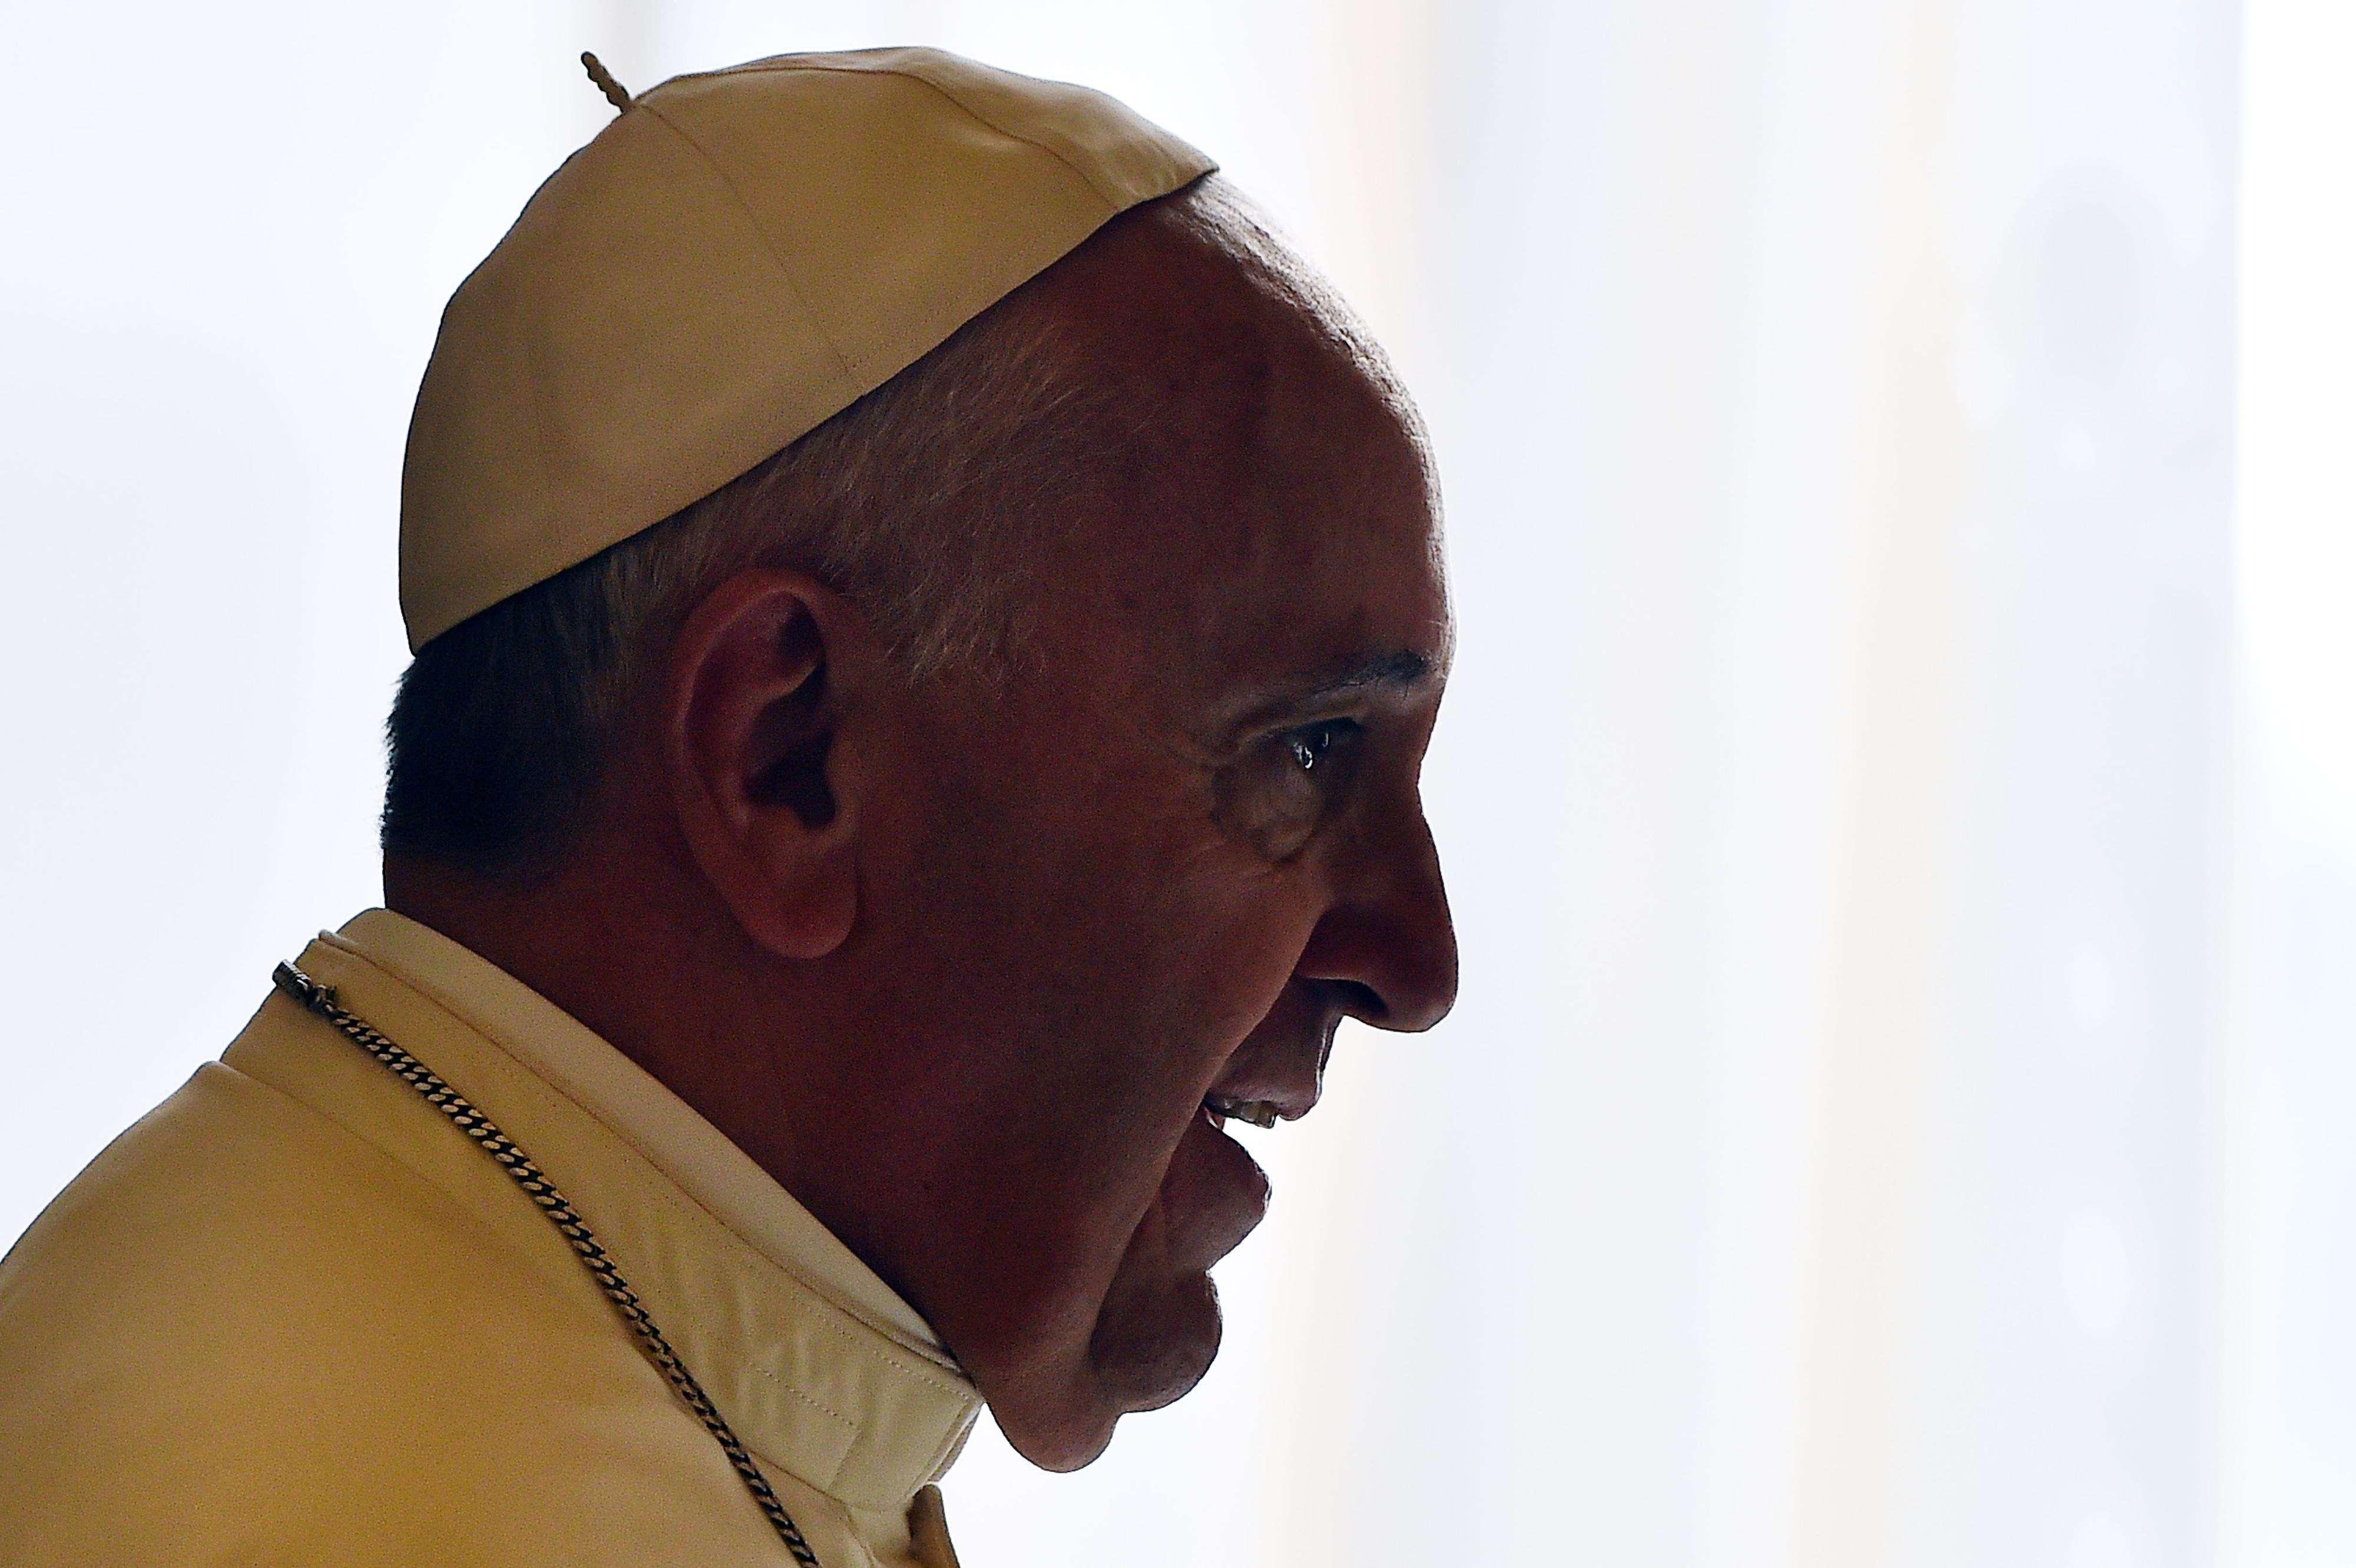 Varios obispos de Oriente Medio, no obstante, critican lo que consideran como una respuesta muy tibia del Vaticano a la amenaza yihadista. Foto: Archivo/AP en español